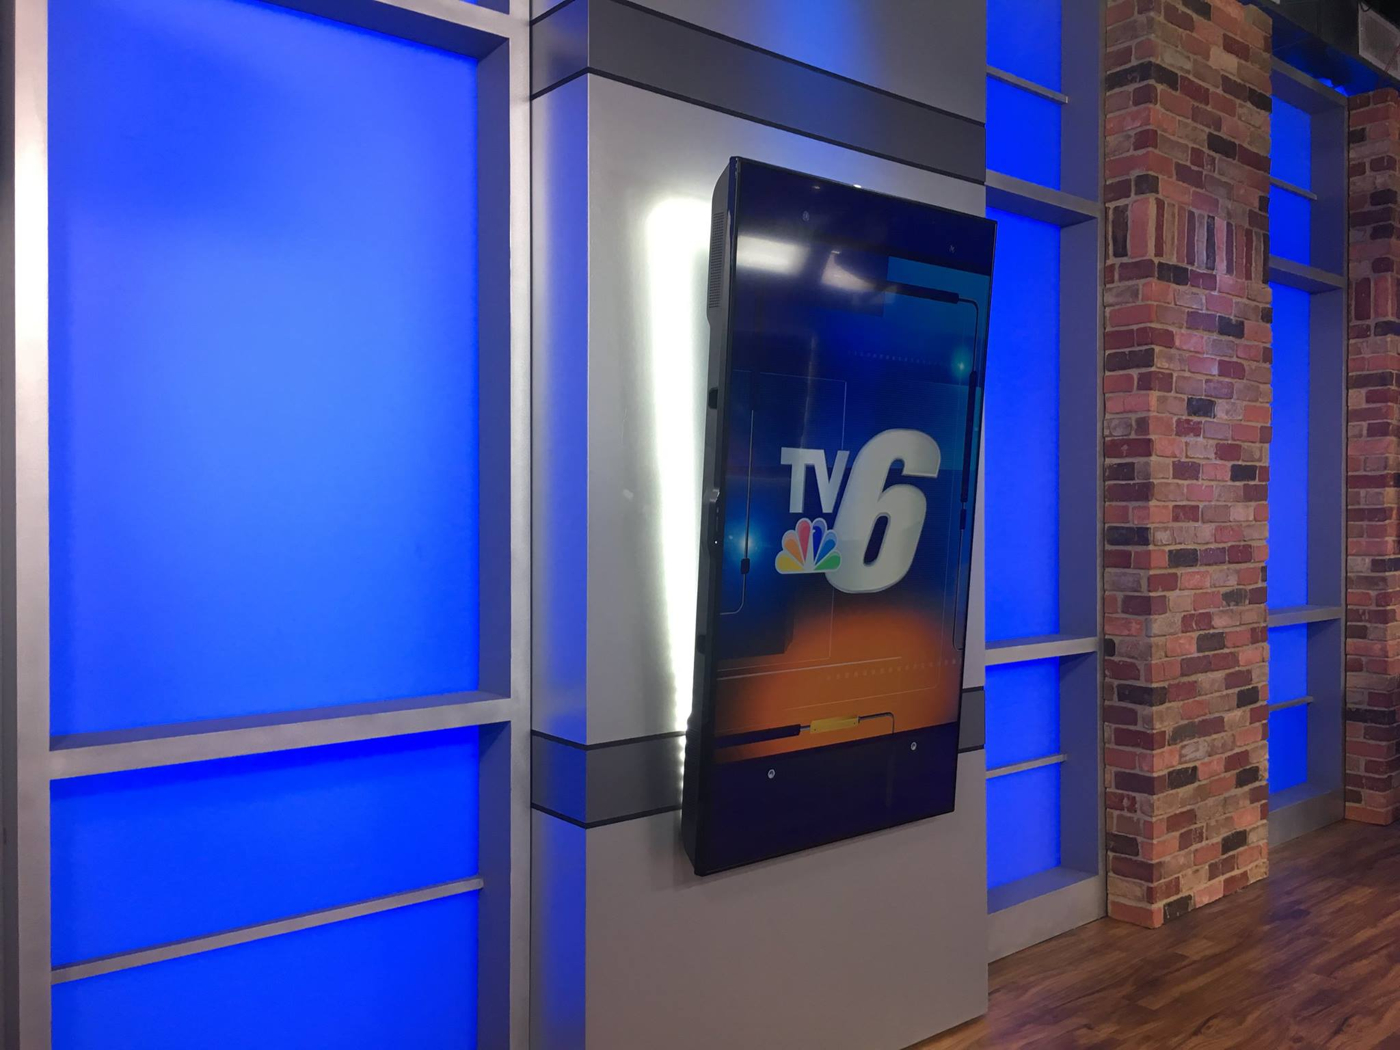 ncs_tv6-wluc-tv-studio_0012